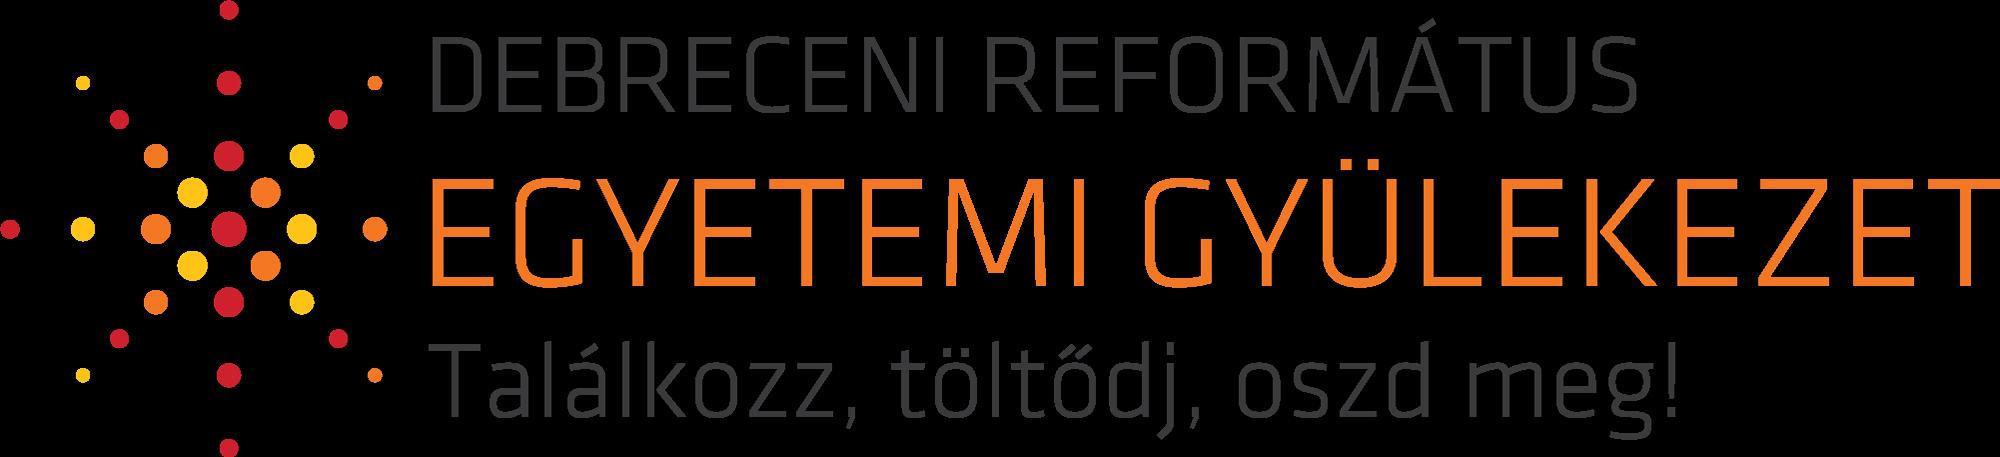 Debreceni Református Egyetemi Gyülekezet